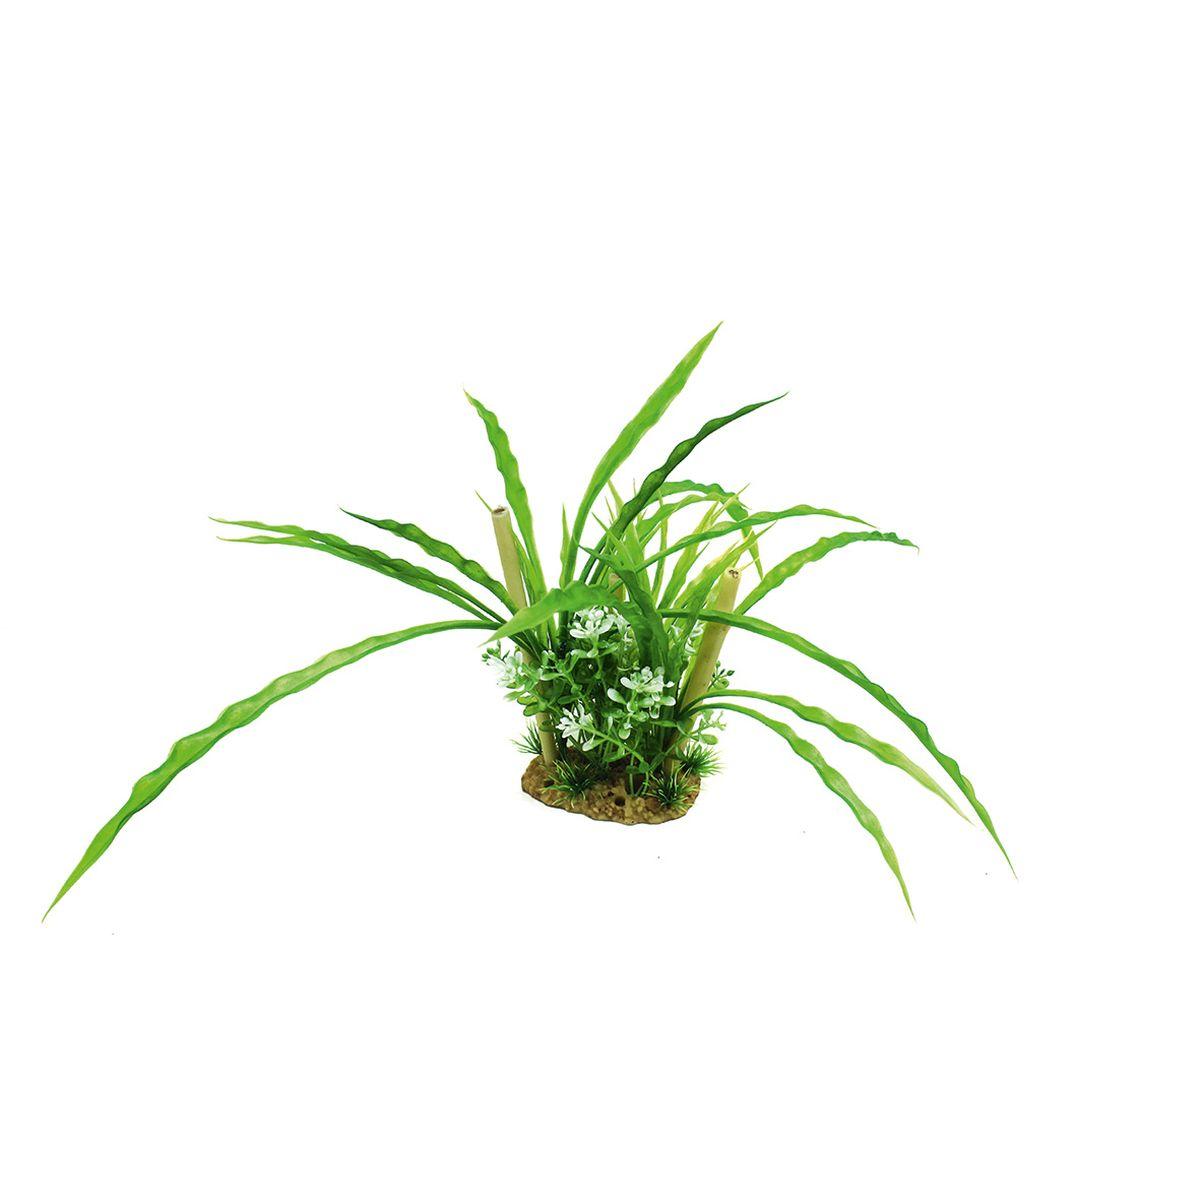 Композиция из растений для аквариума ArtUniq Криптокорина с бамбуком, высота 20 см12171996Композиция из искусственных растений ArtUniq превосходно украсит и оживит аквариум.Растения - это важная часть любой композиции, они помогут вдохнуть жизнь в ландшафт любого аквариума или террариума.Композиция является точной копией природного растения.